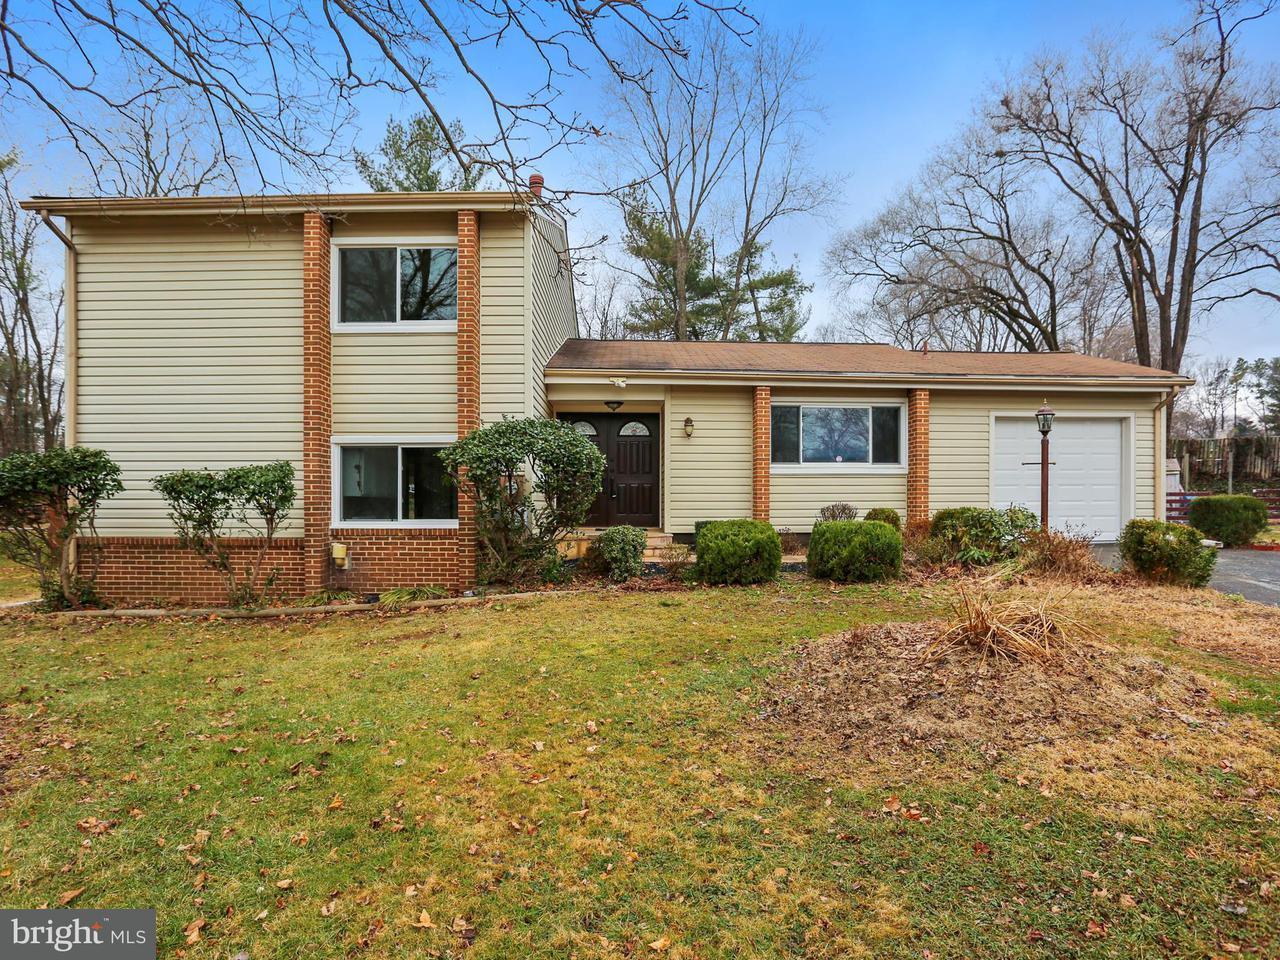 Μονοκατοικία για την Πώληση στο 17701 MILLCREST Drive 17701 MILLCREST Drive Derwood, Μεριλαντ 20855 Ηνωμενεσ Πολιτειεσ